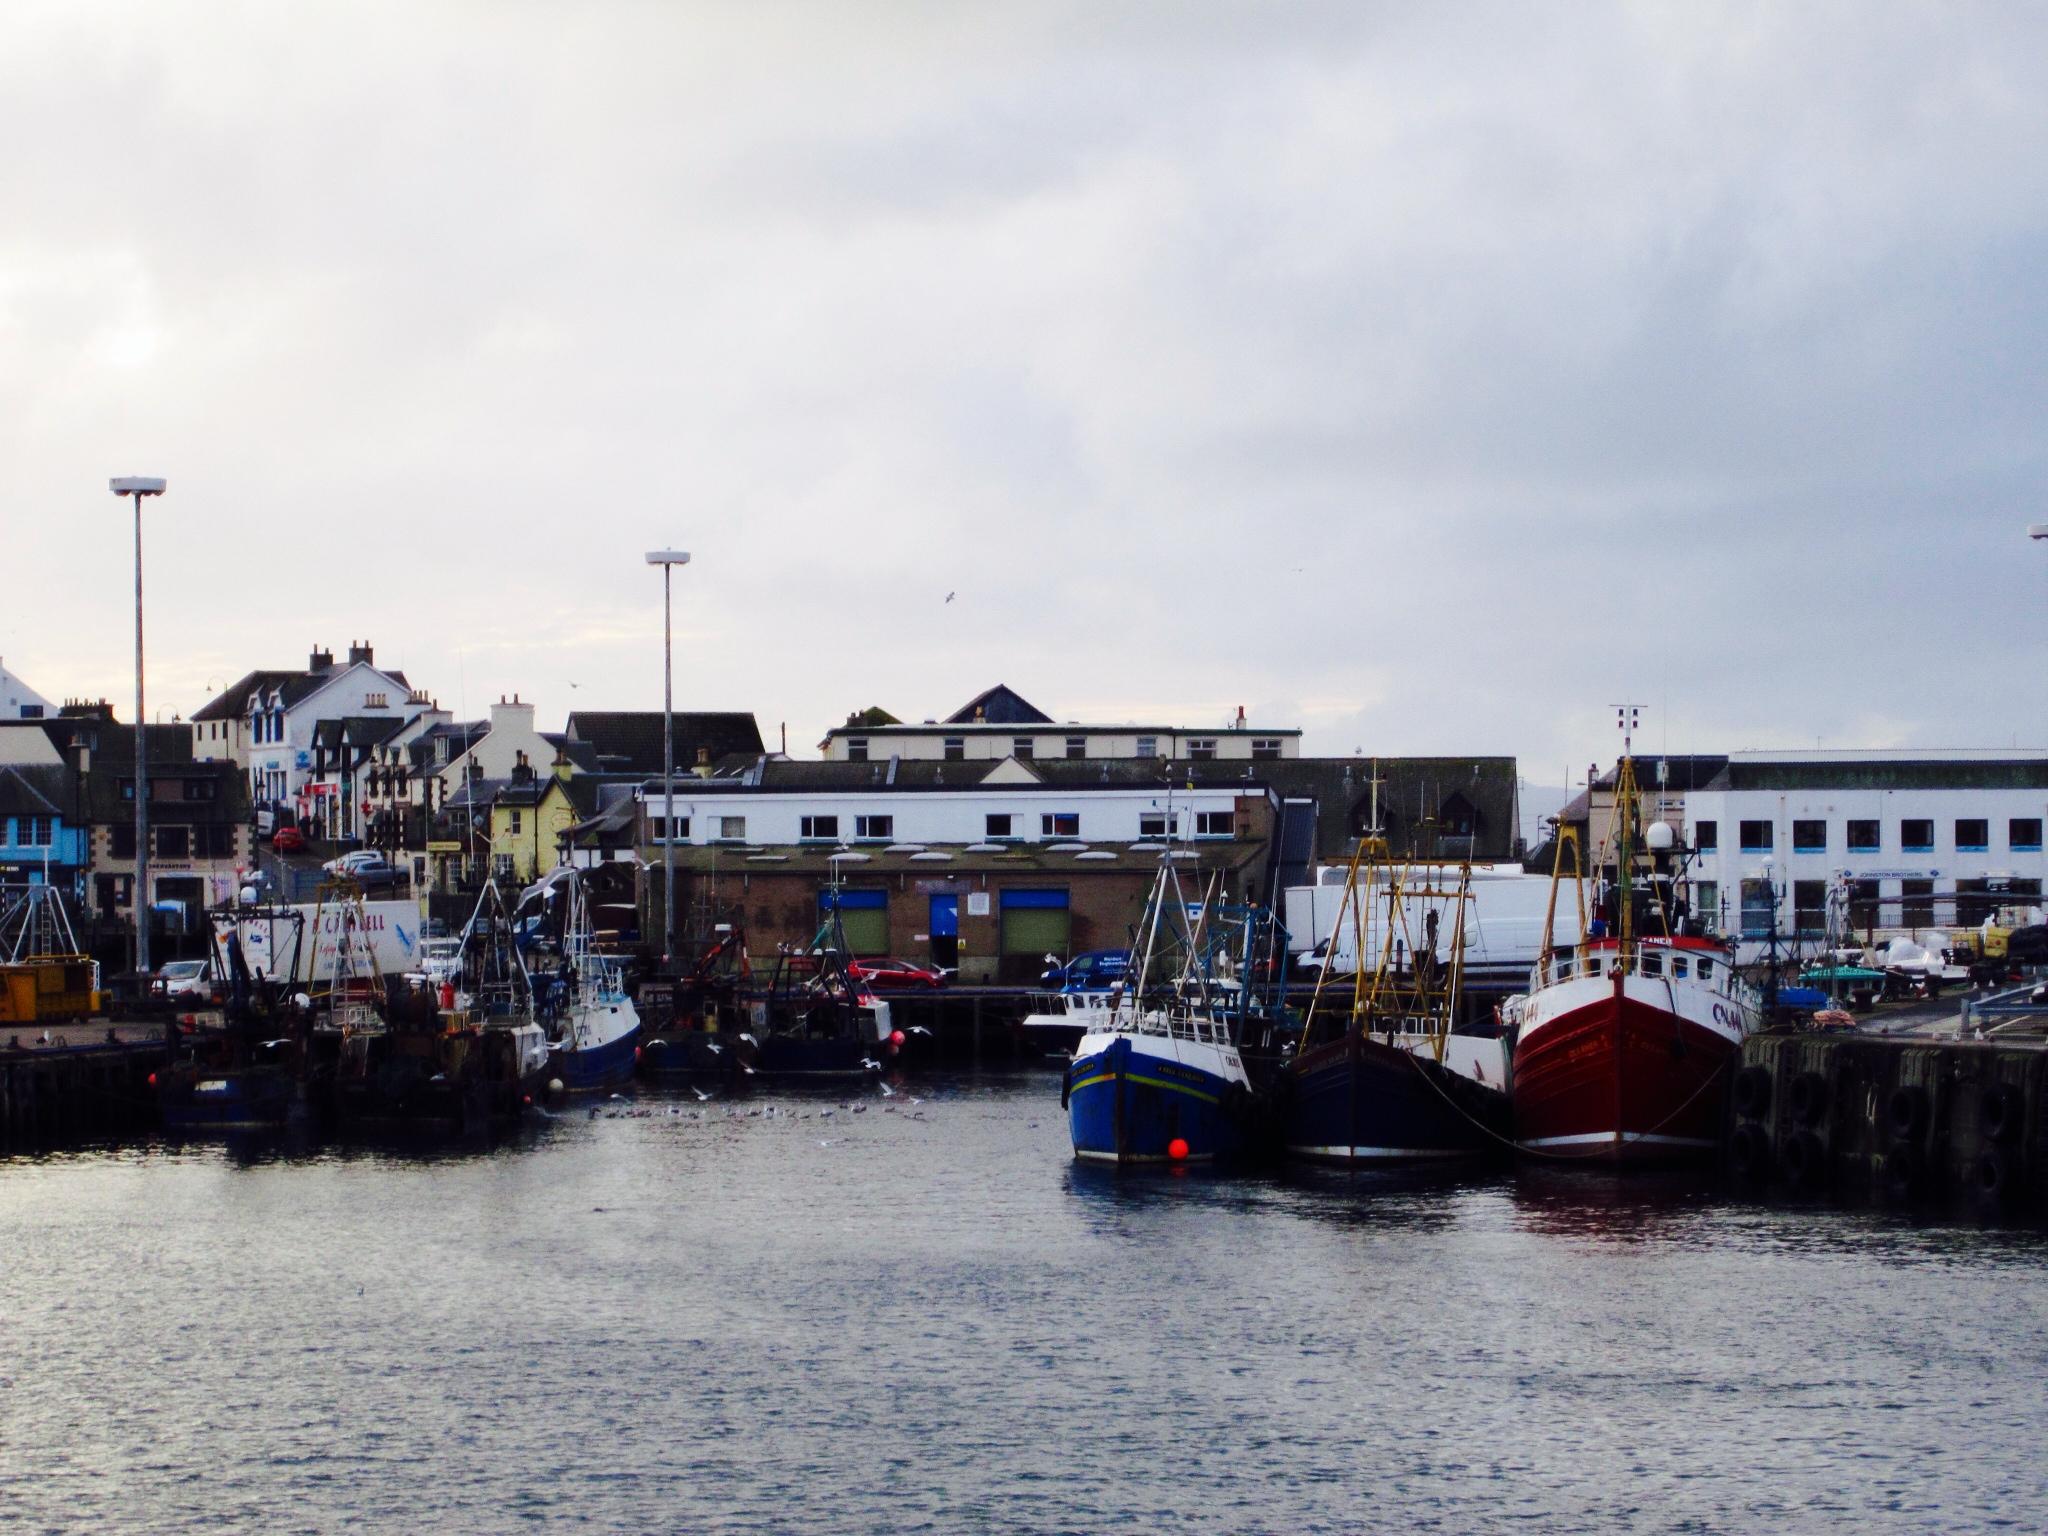 Port of Mallaig